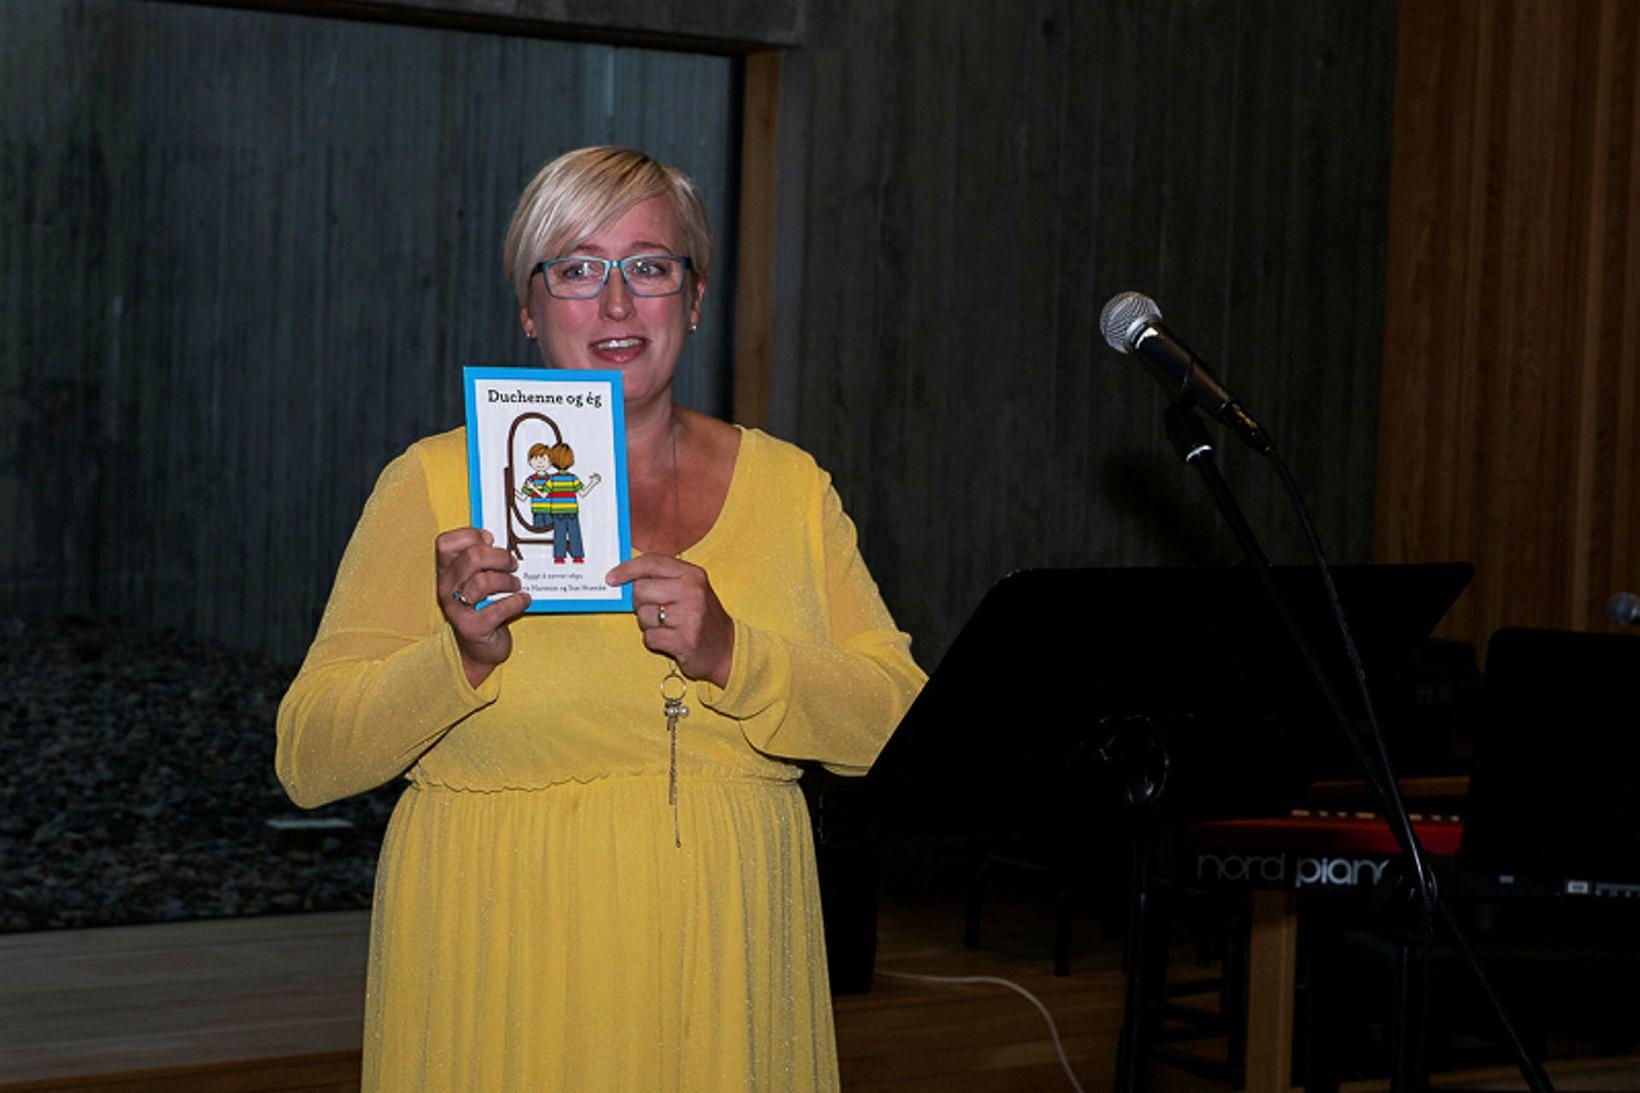 Hulda Björk Svansdóttir móðir Ægis Þórs sem er með Duchenne-vöðvarýrnunarsjúkdóminn.